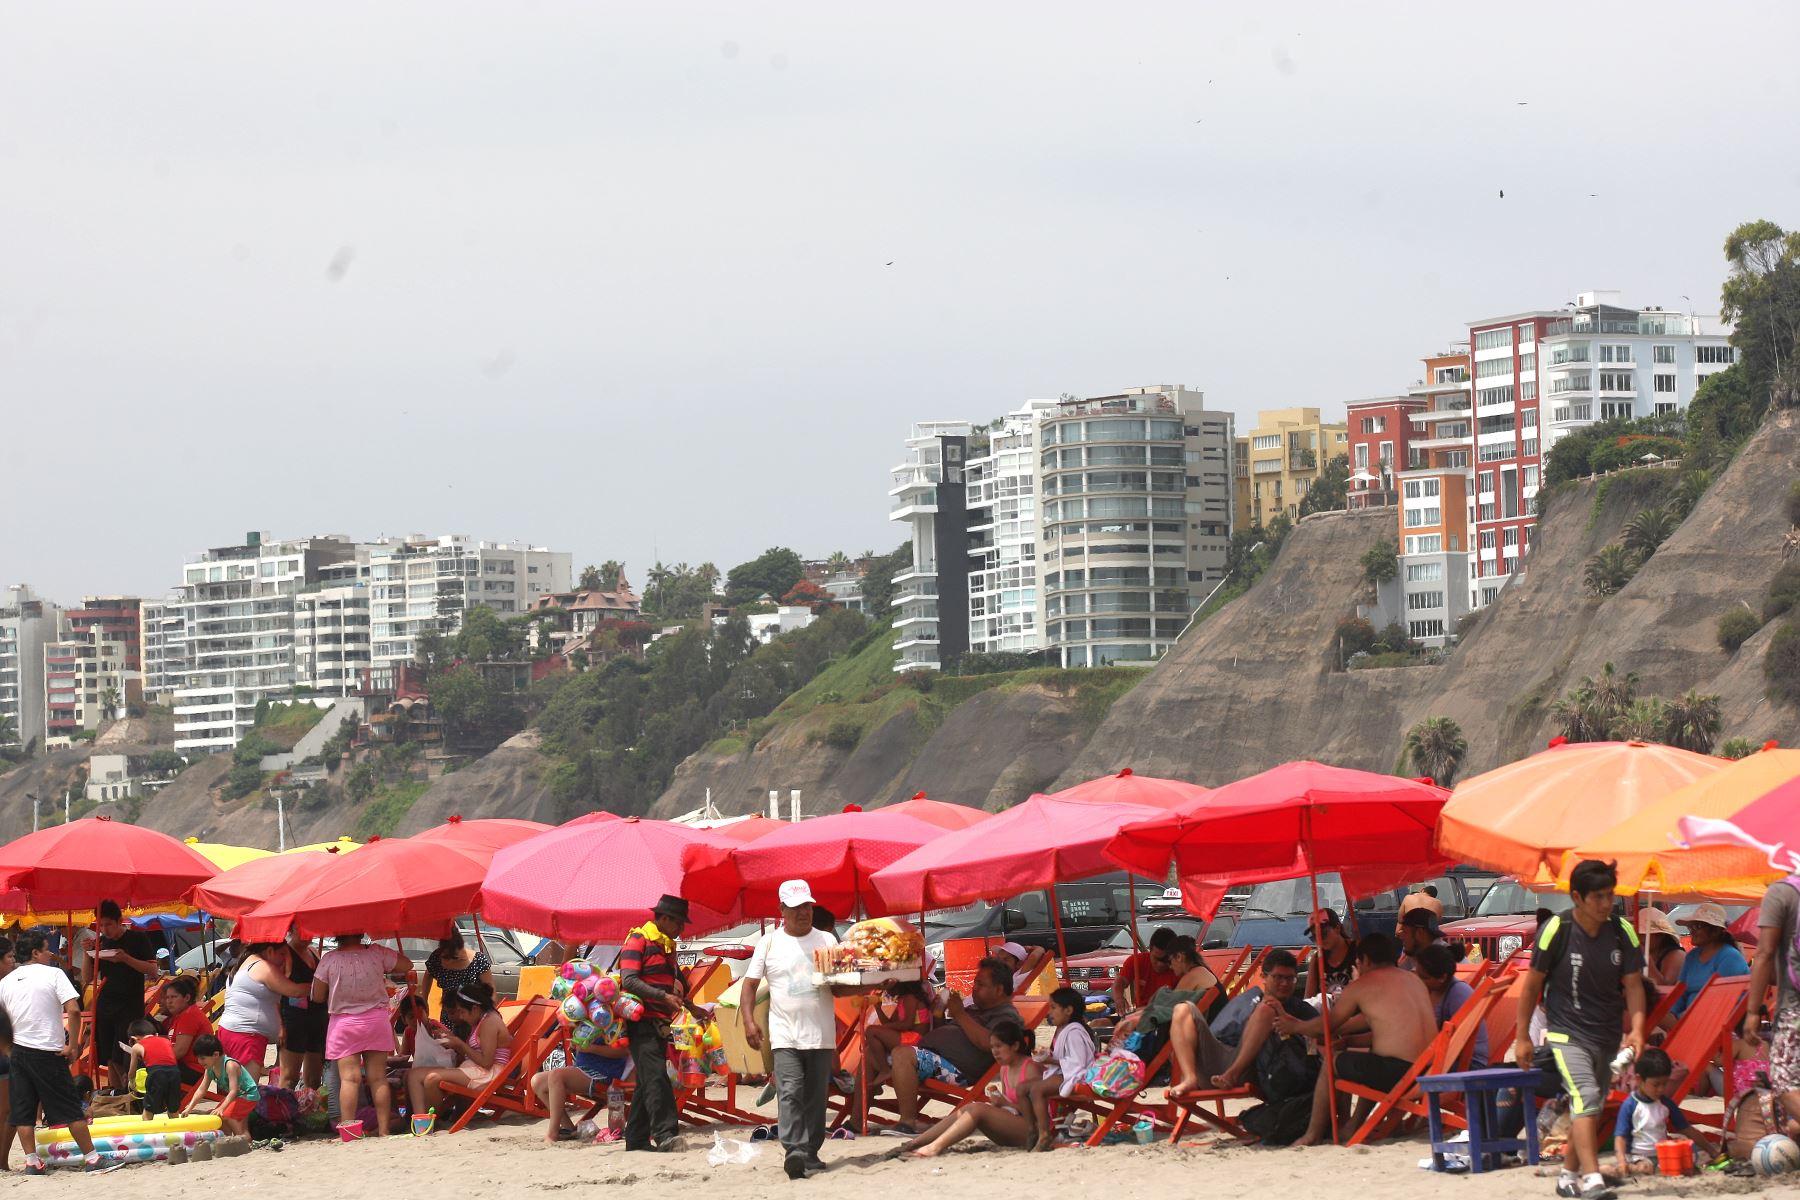 Veraneantes se vuelcan a playas limeñas en busca de sol arena y mar. Foto:ANDINA/Héctor Vinces.